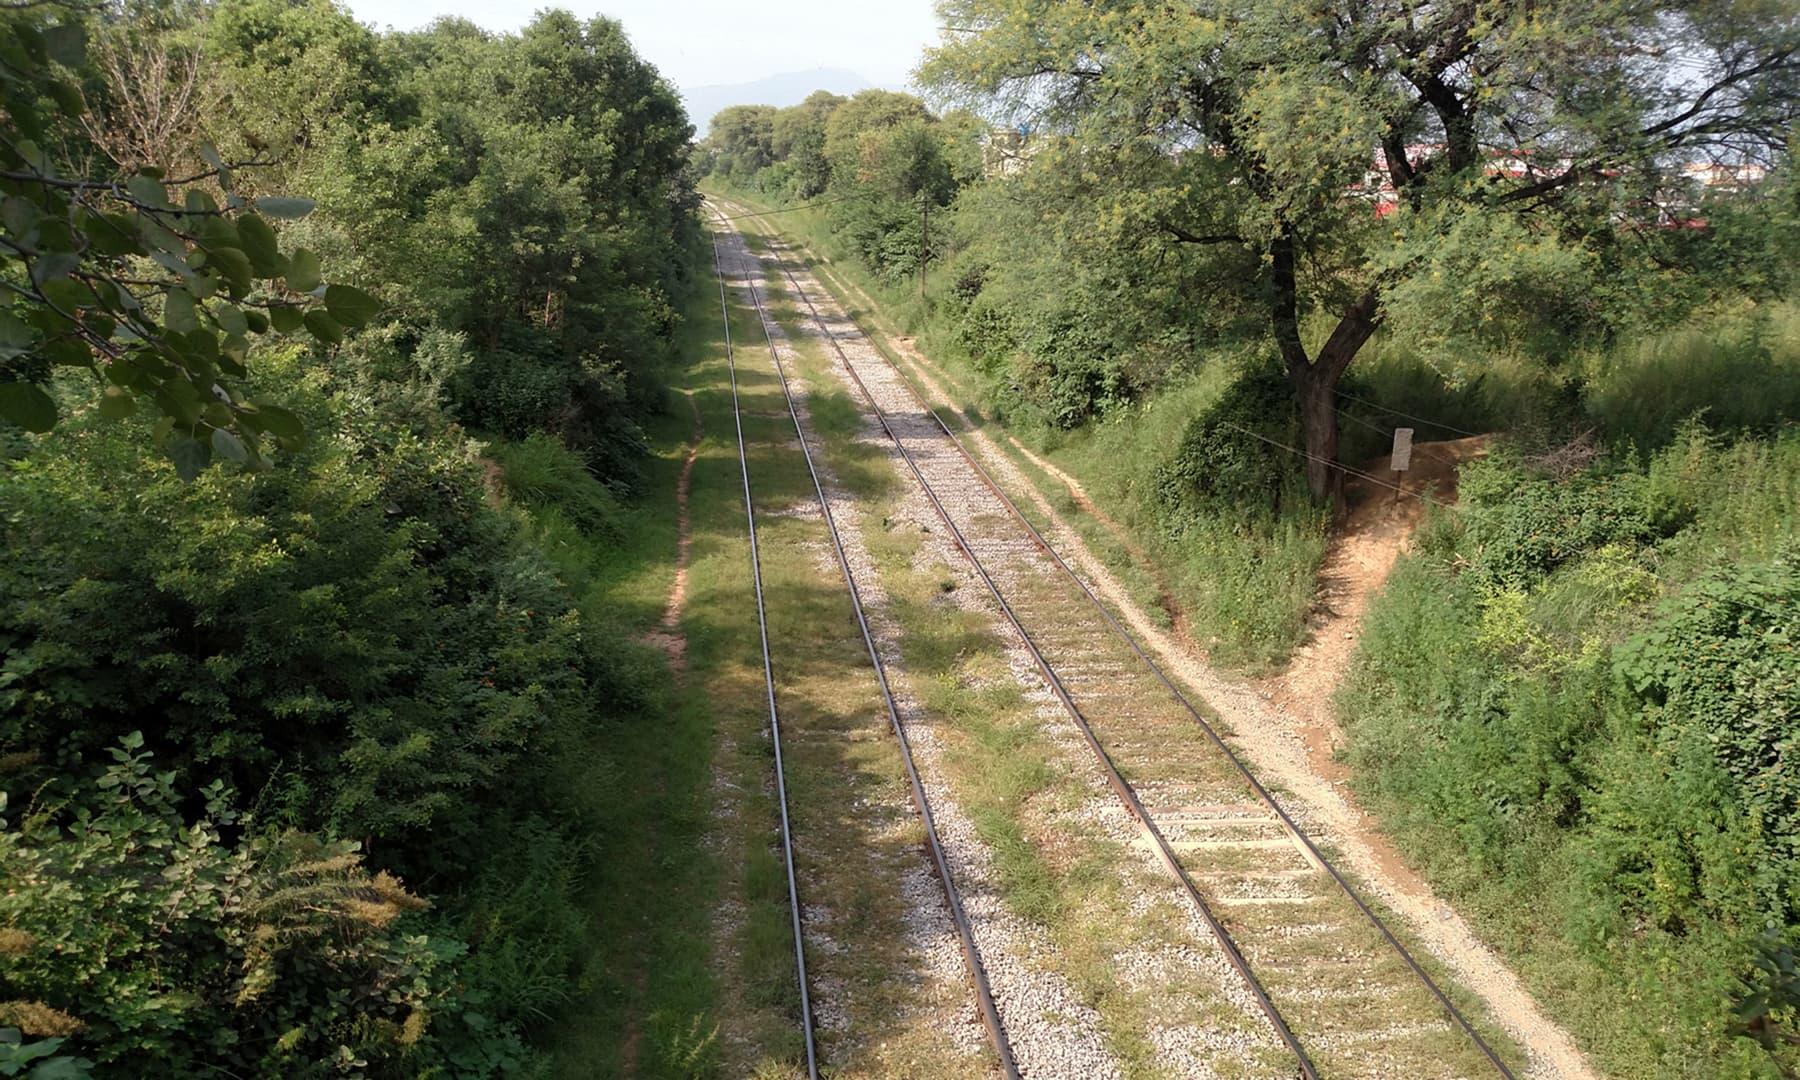 کراچی سے پشاور جانے والی قدیم مین ریلوے لائن